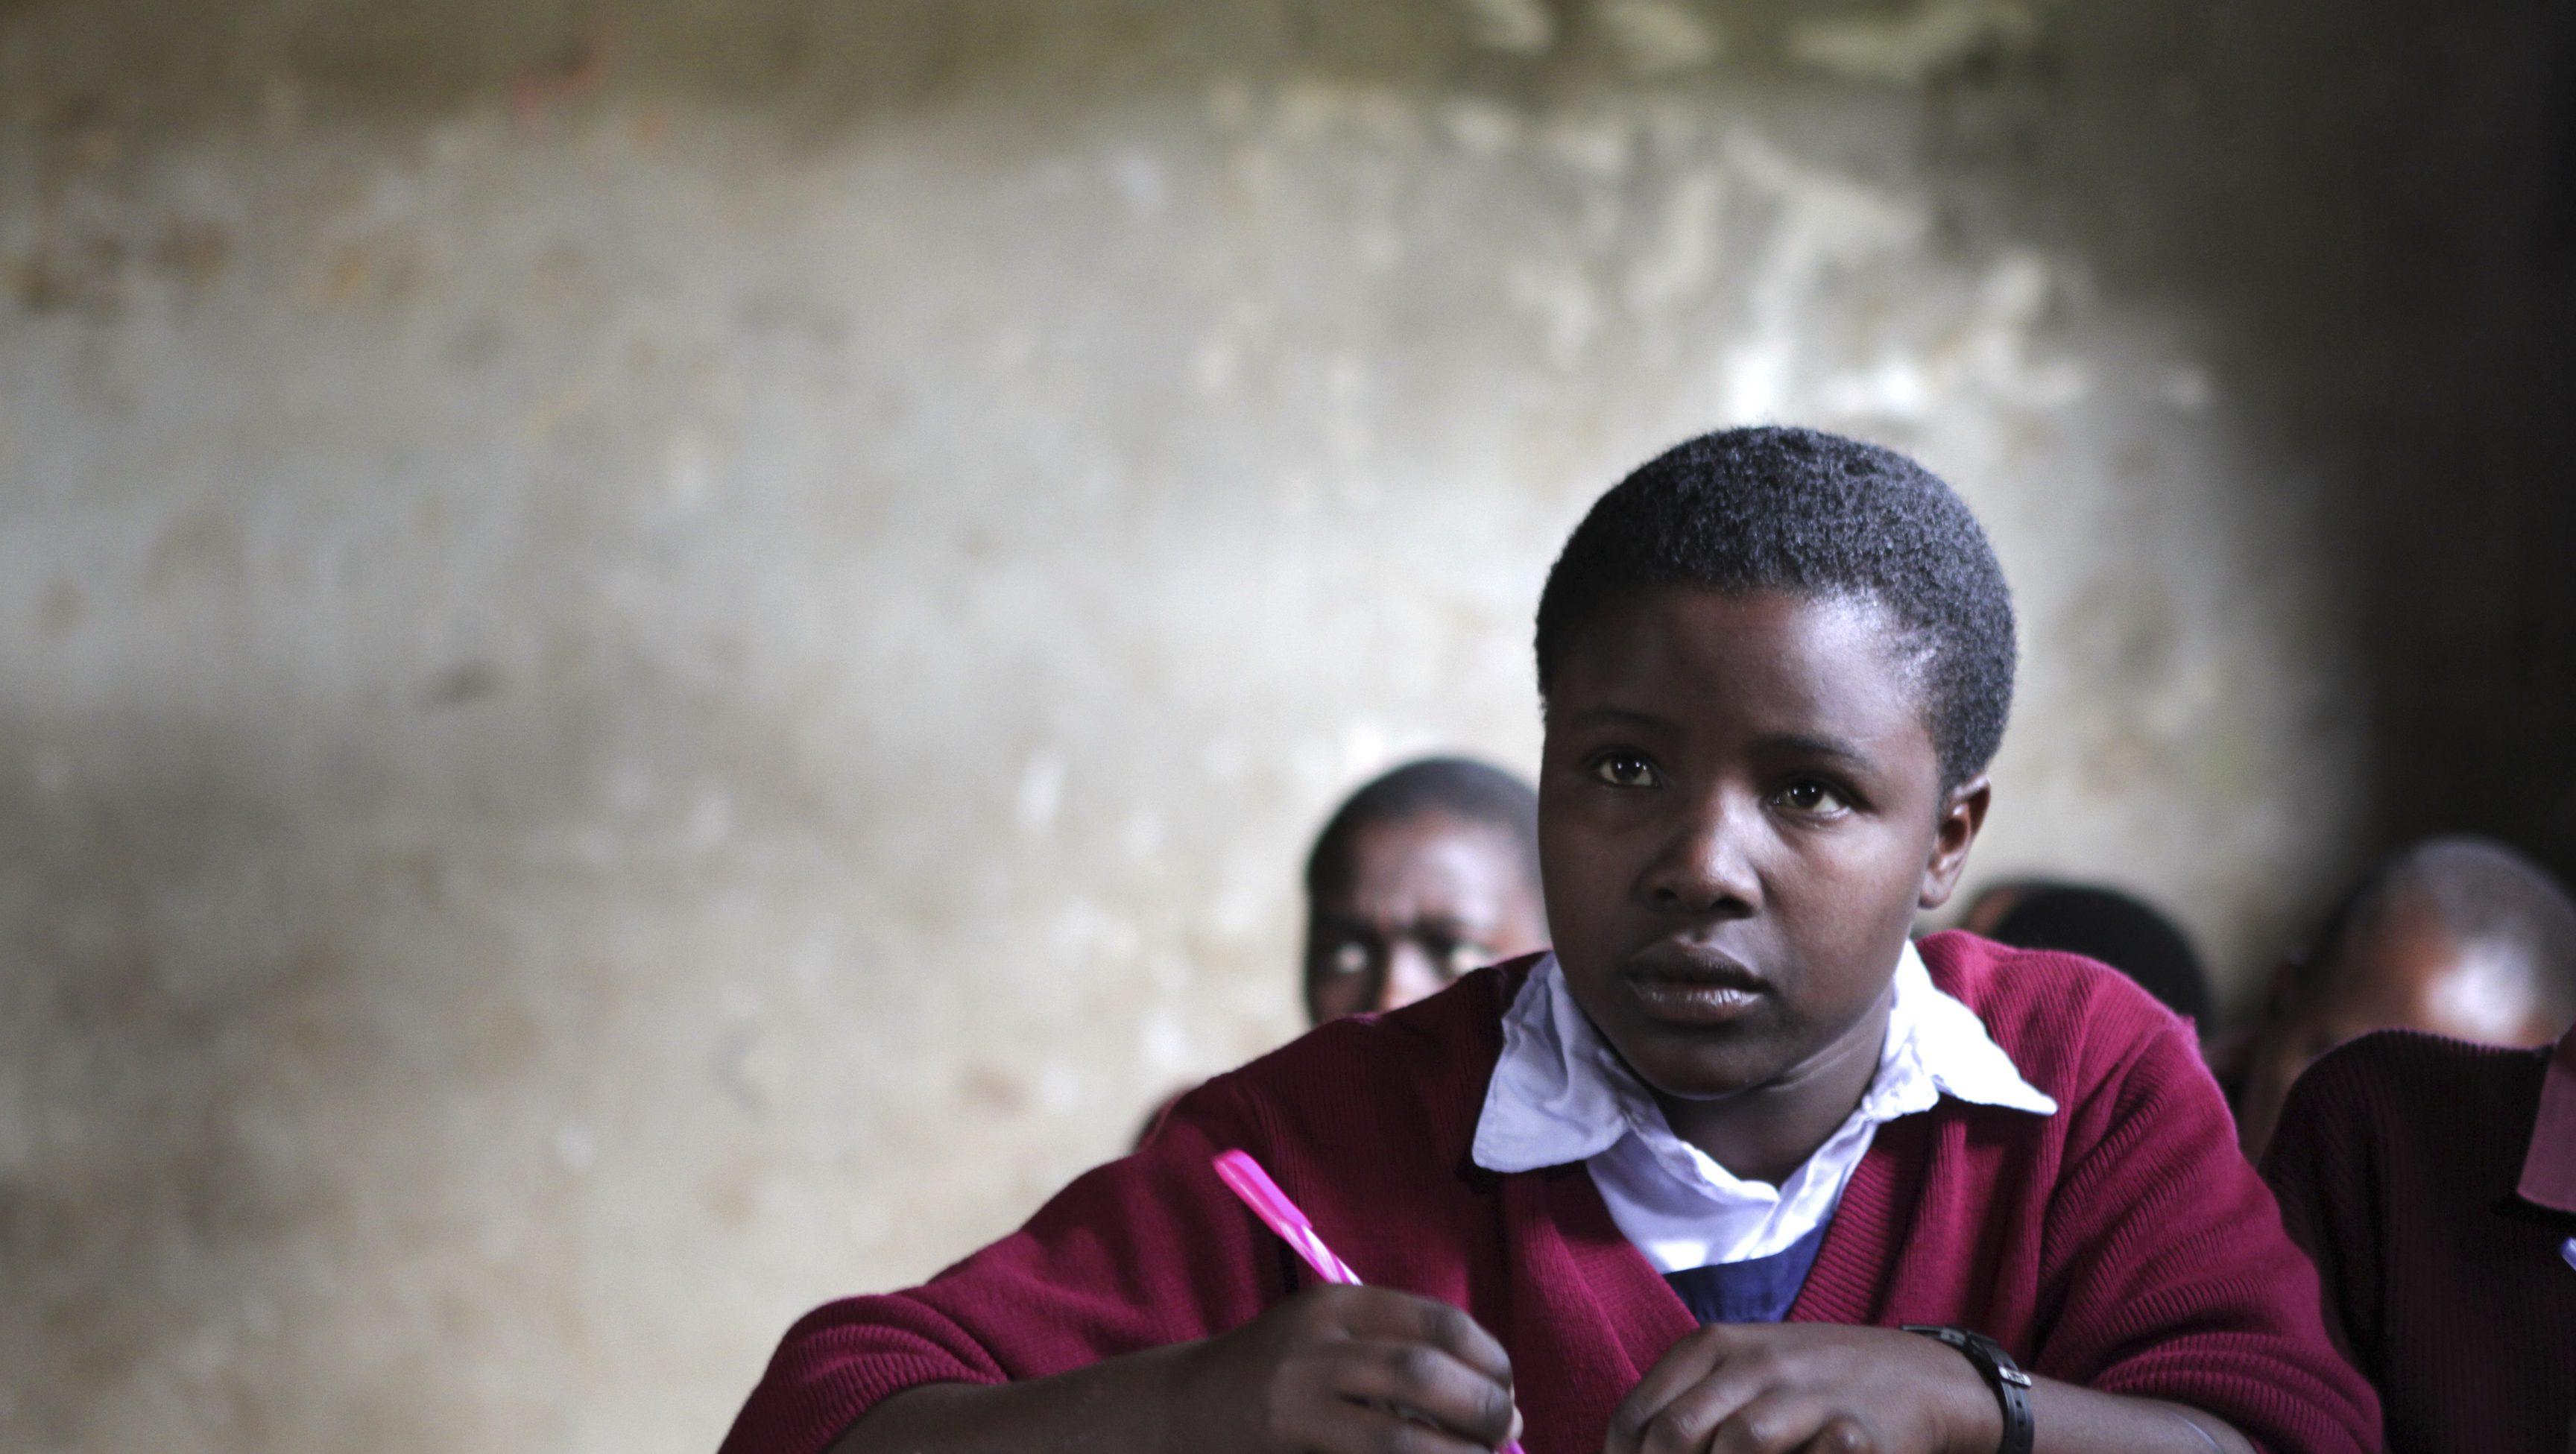 Metian sits in her classroom in Sajiloni Primary School in the semi-arid Kajiado County